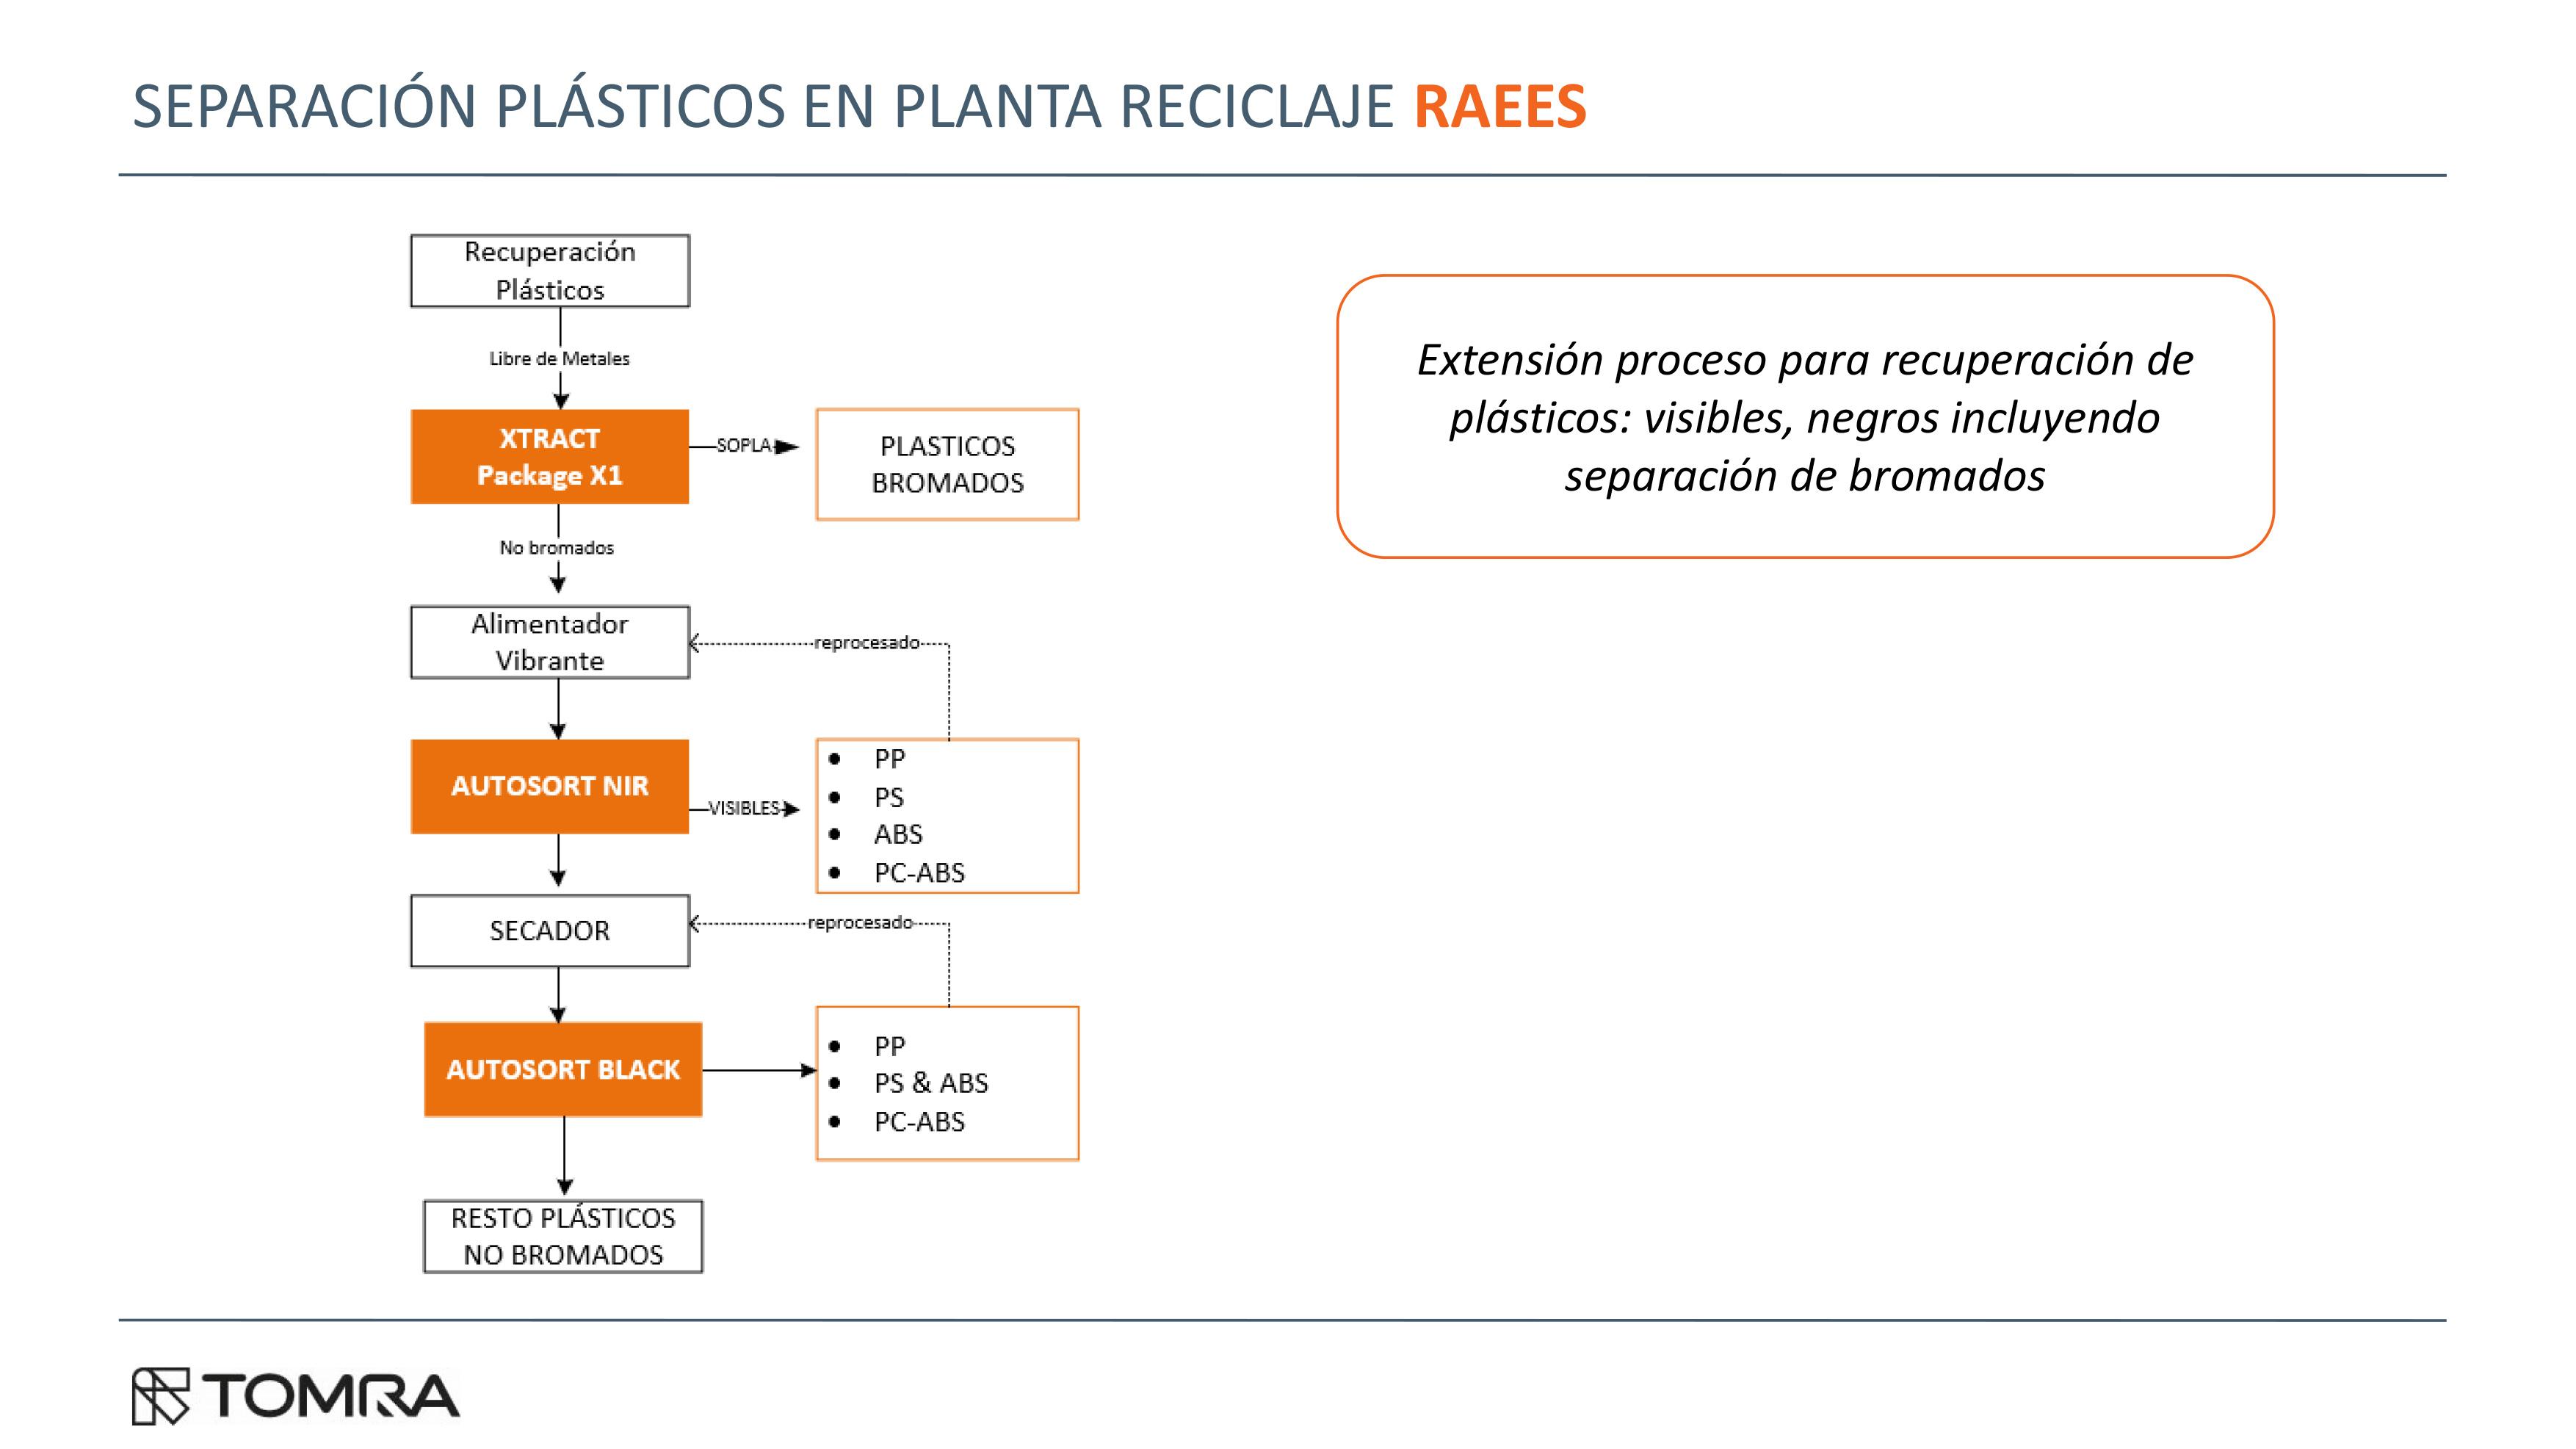 Separación de plásticos en plantas de RAEES